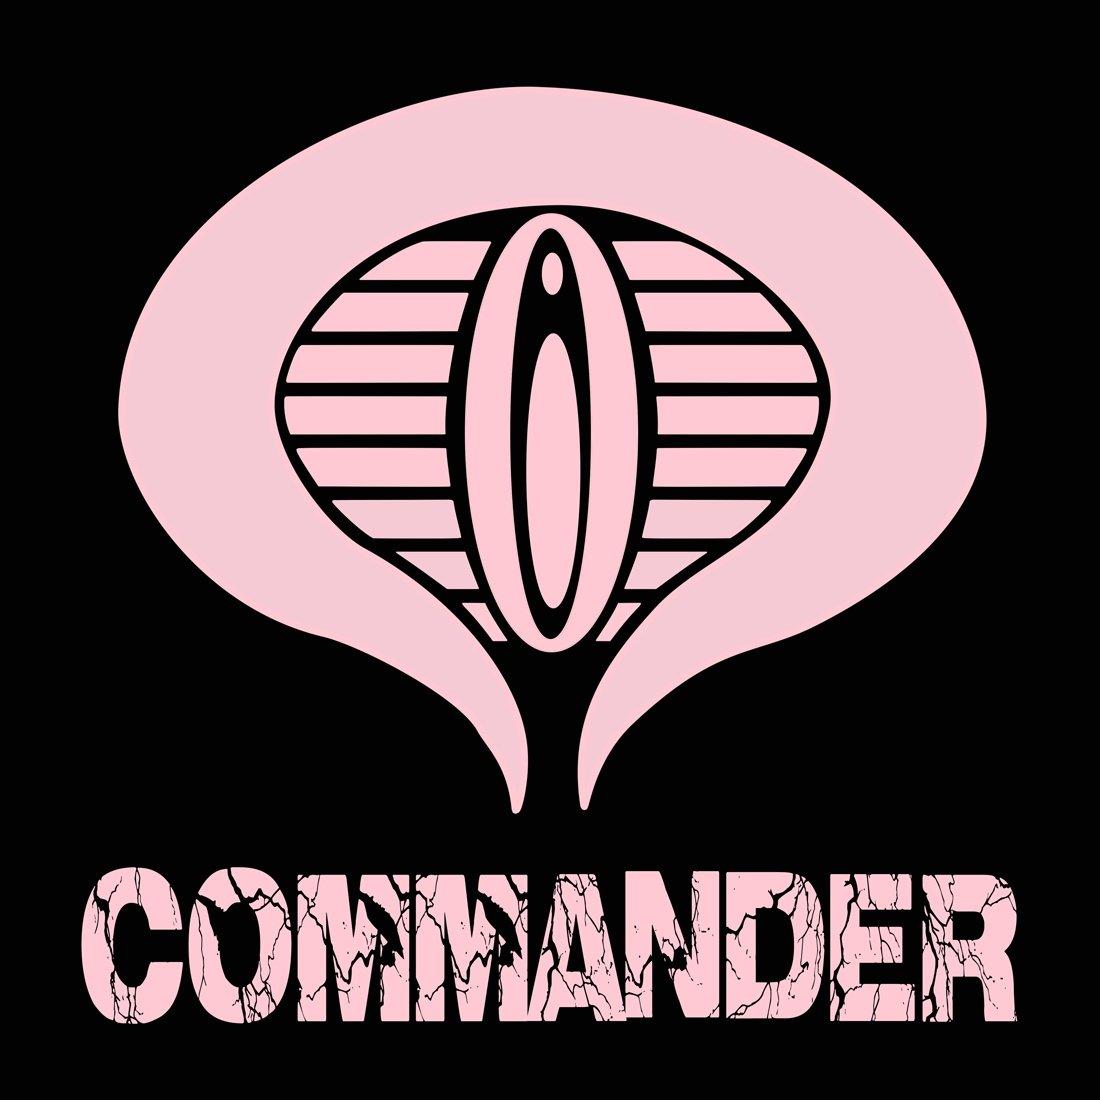 https://0901.nccdn.net/4_2/000/000/06b/a1b/clit-commander-gosexyca-1100x1100.jpg